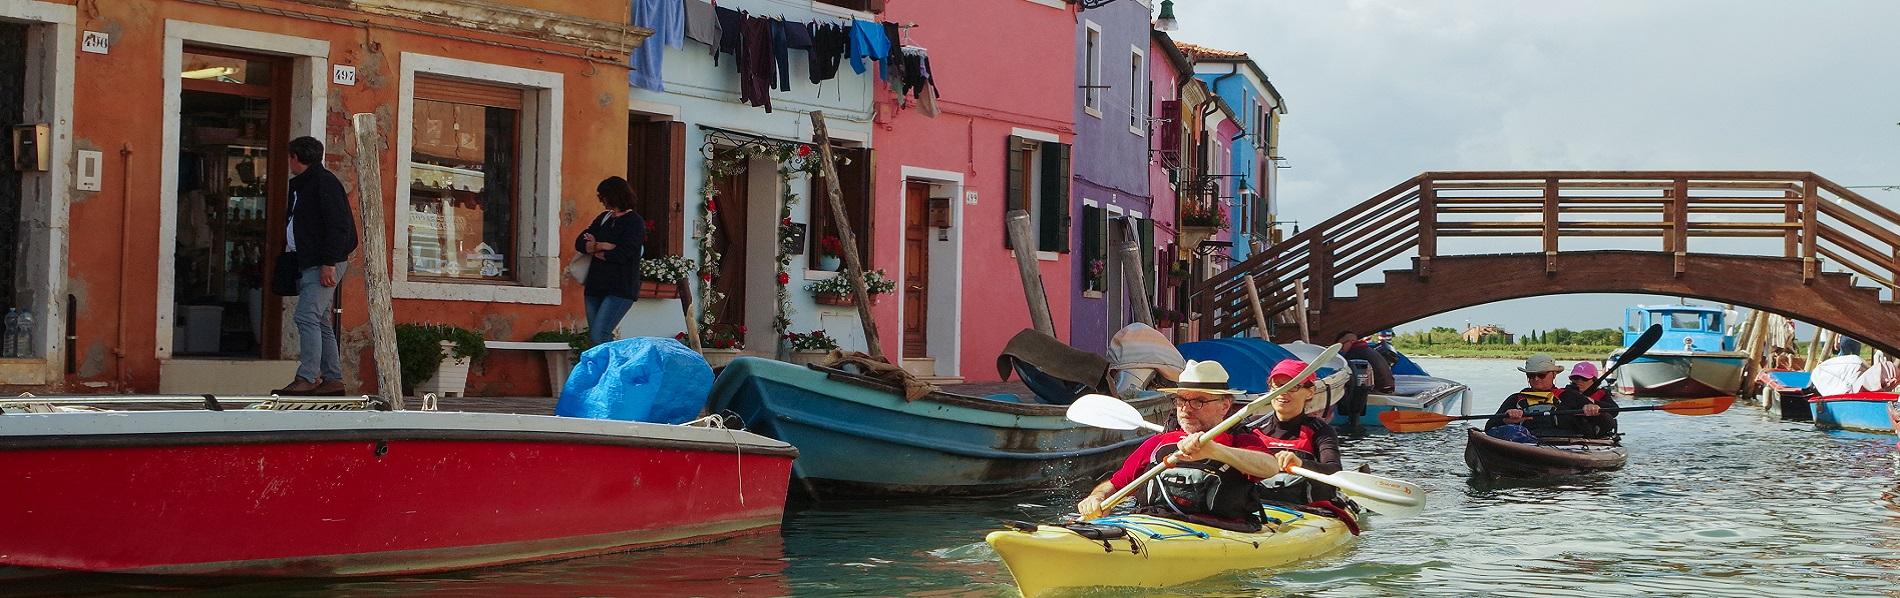 Venise-11